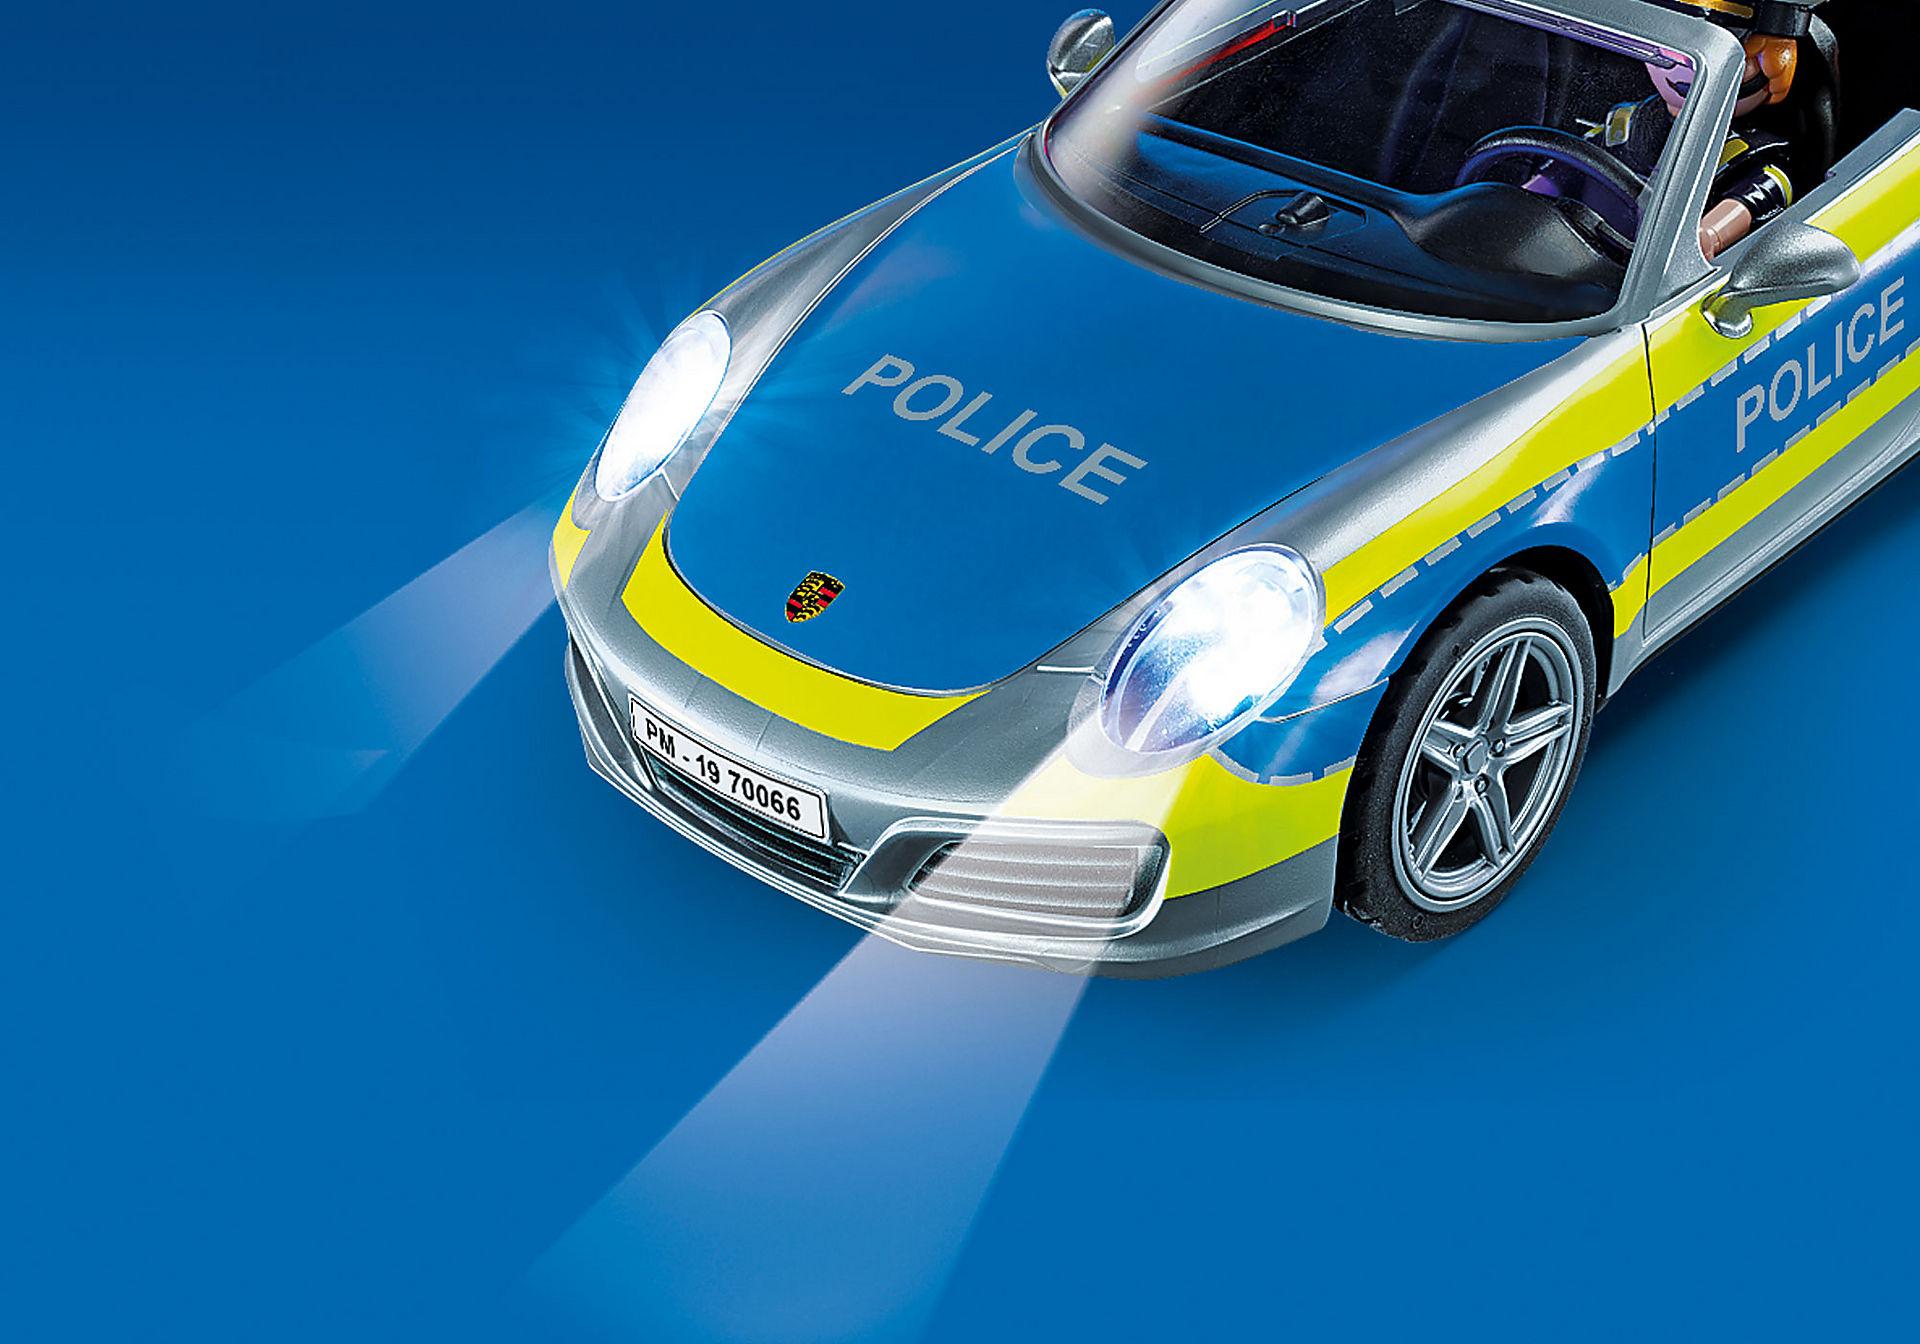 70066 Porsche 911 Carrera 4S Politi zoom image5